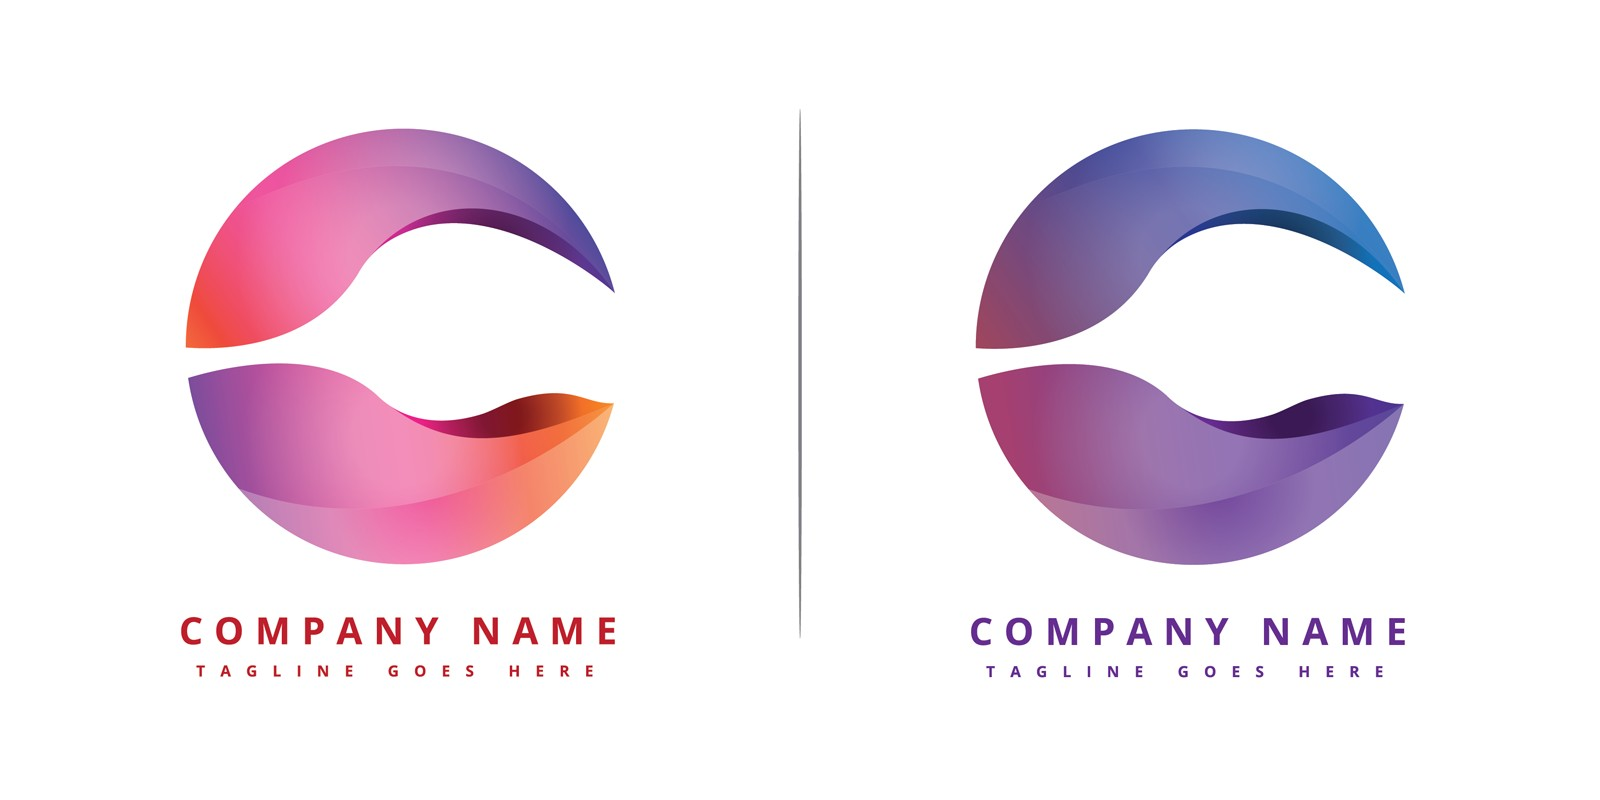 C-Logo company Design Inspiration